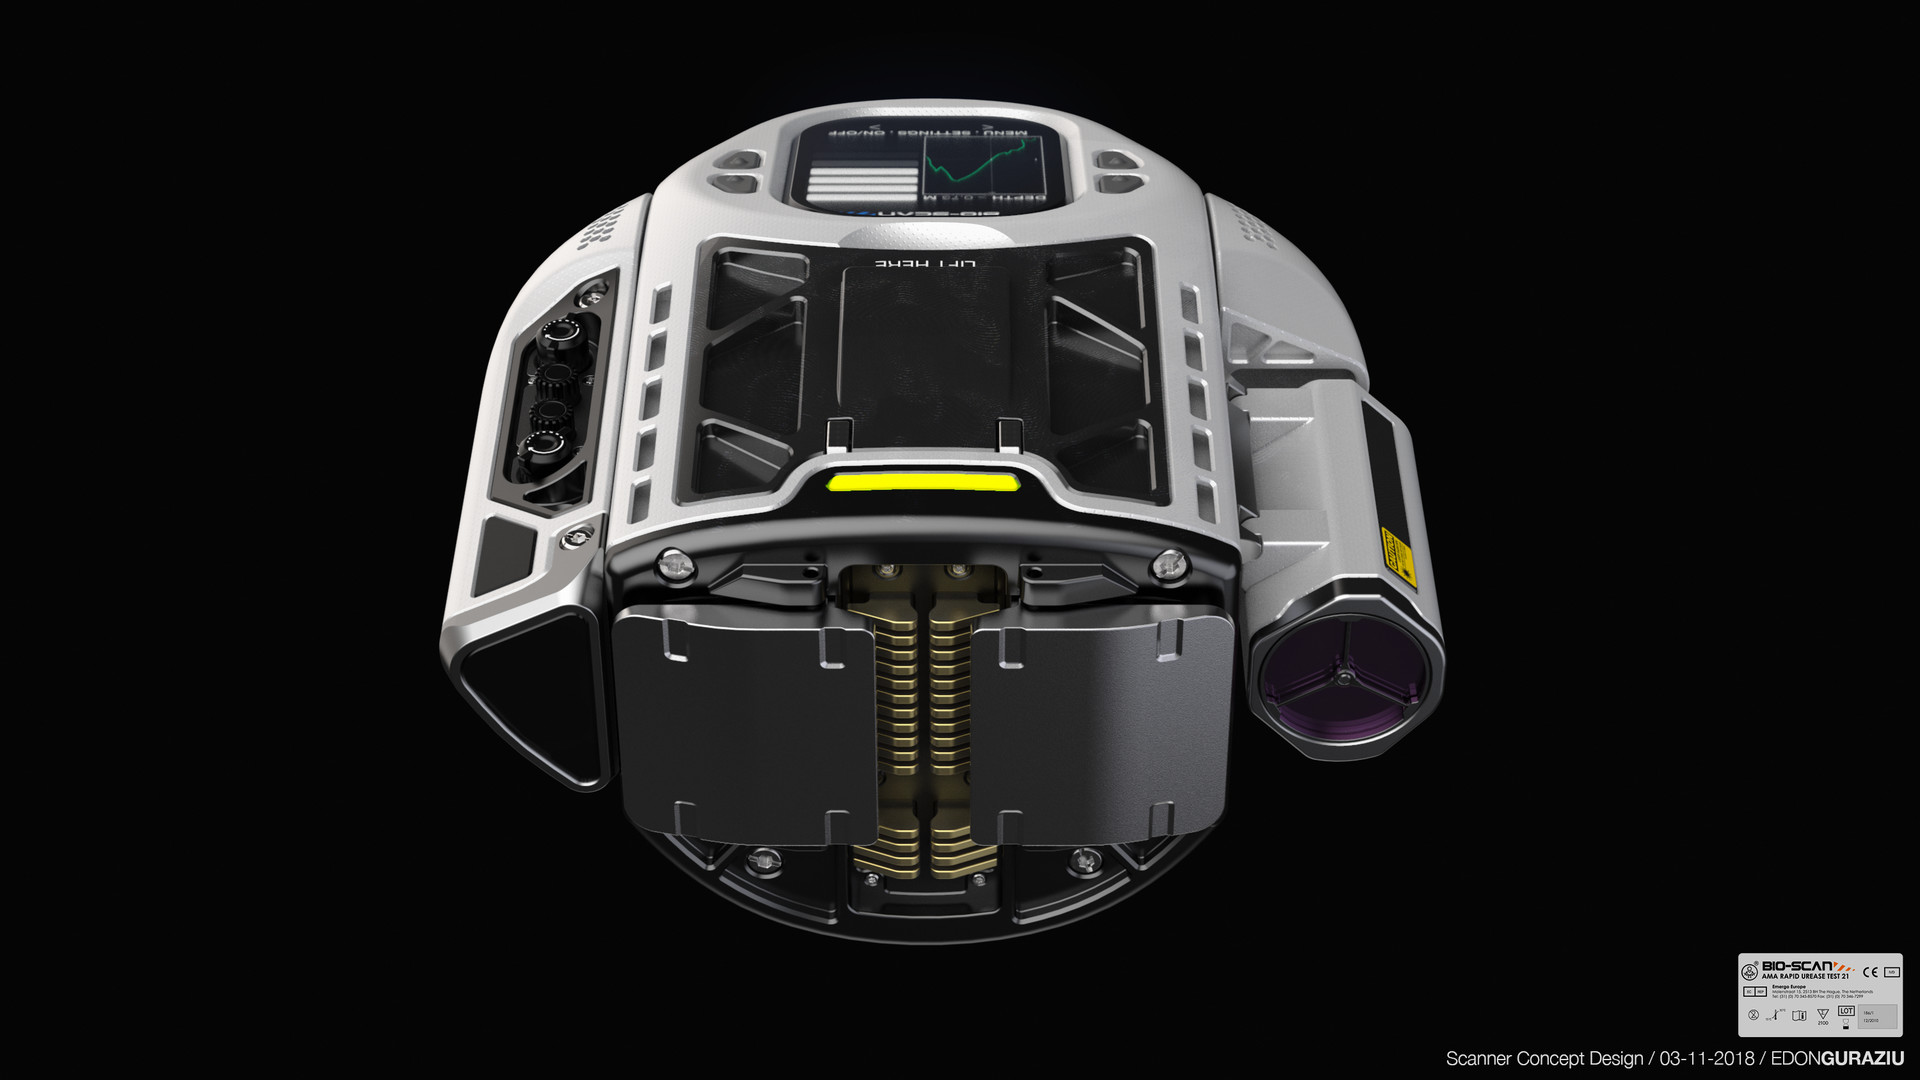 Edon guraziu scannerdesignwhite 003